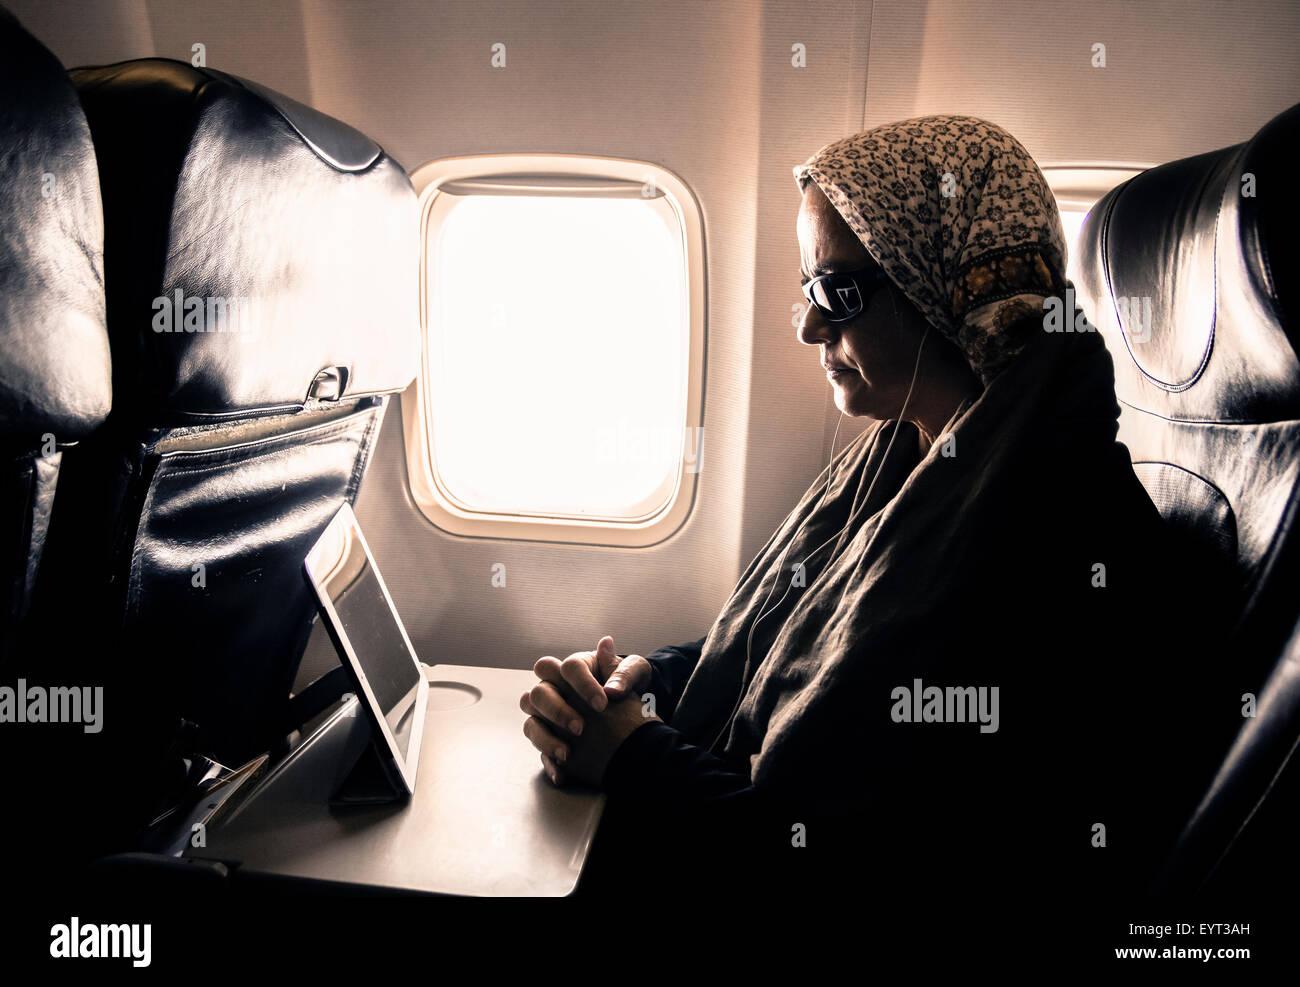 Mujer leyendo el libro sobre el dispositivo tablet en avión asiento de ventana Imagen De Stock